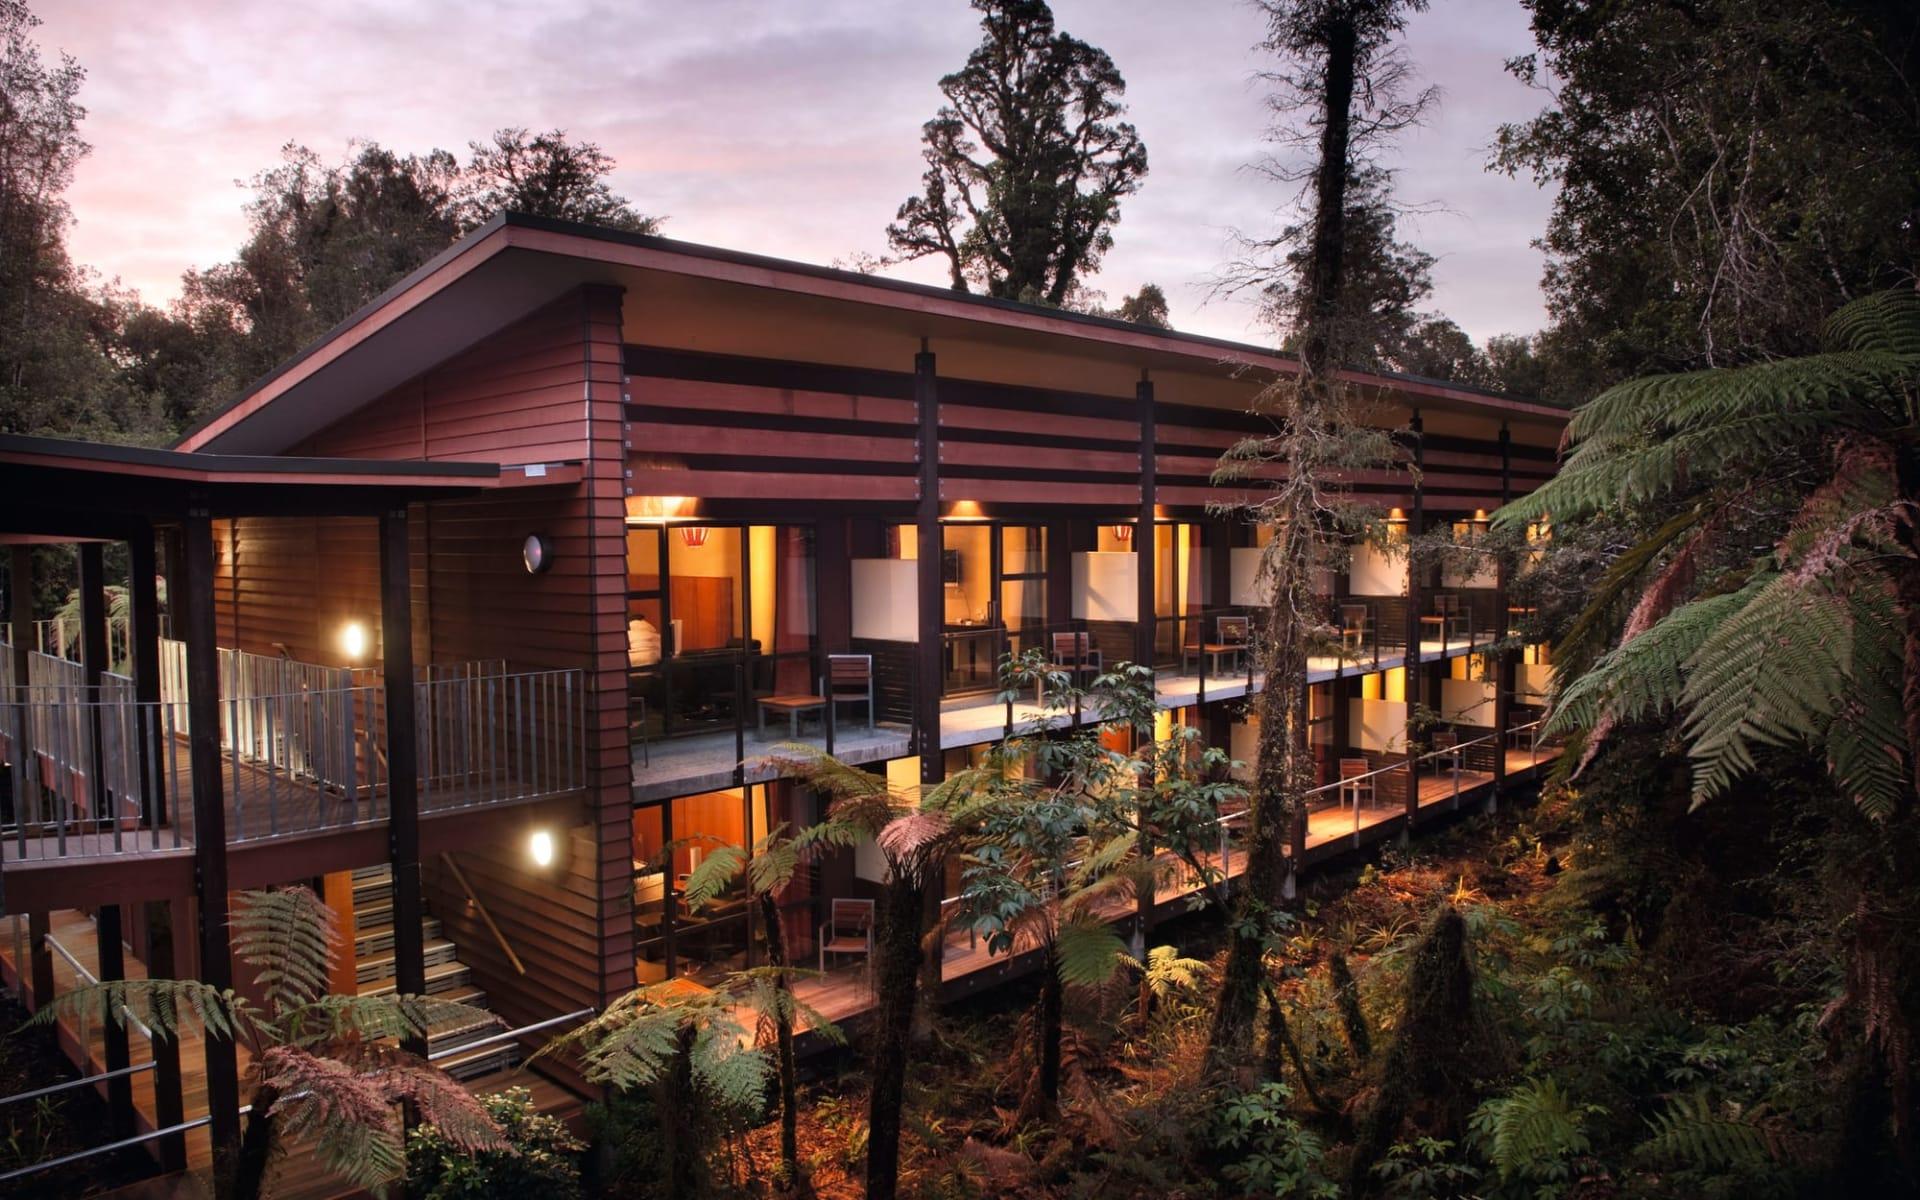 Te Waonui Forest Retreat in Franz Josef:  Te Waonui Forest Retreat - Blick auf Zimmer von aussen